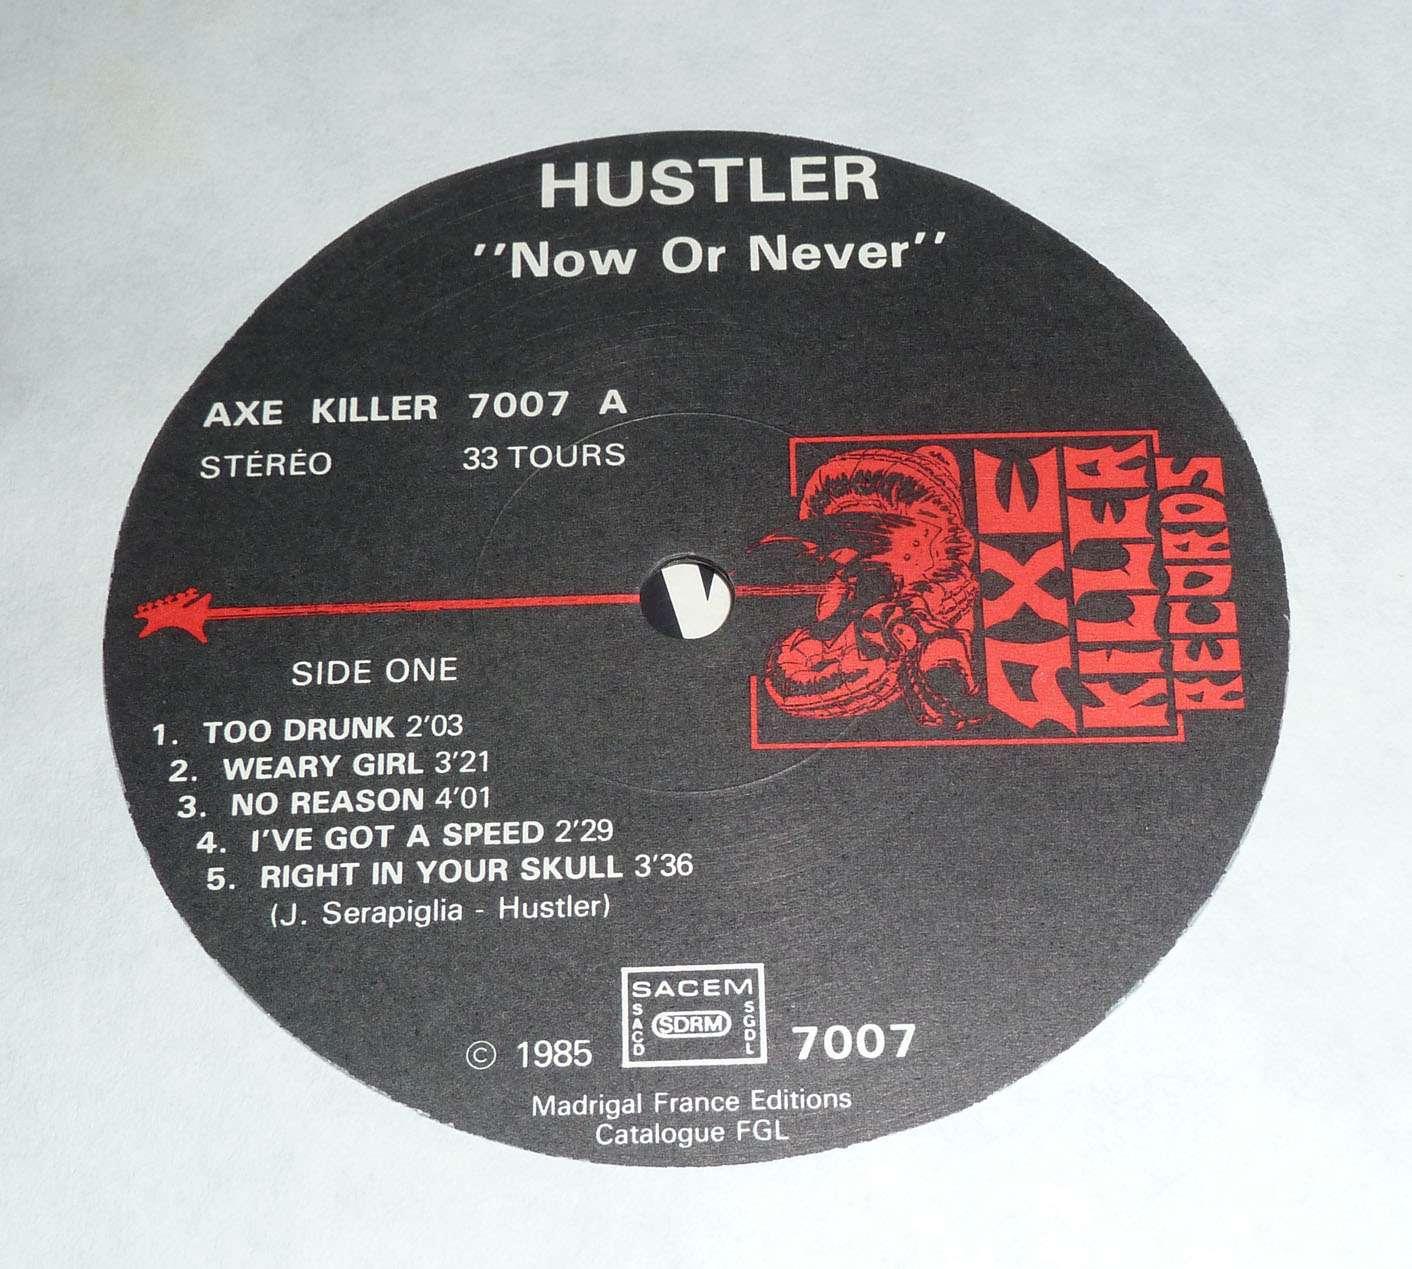 HUSTLER No Or Never (1985) France  P1170315